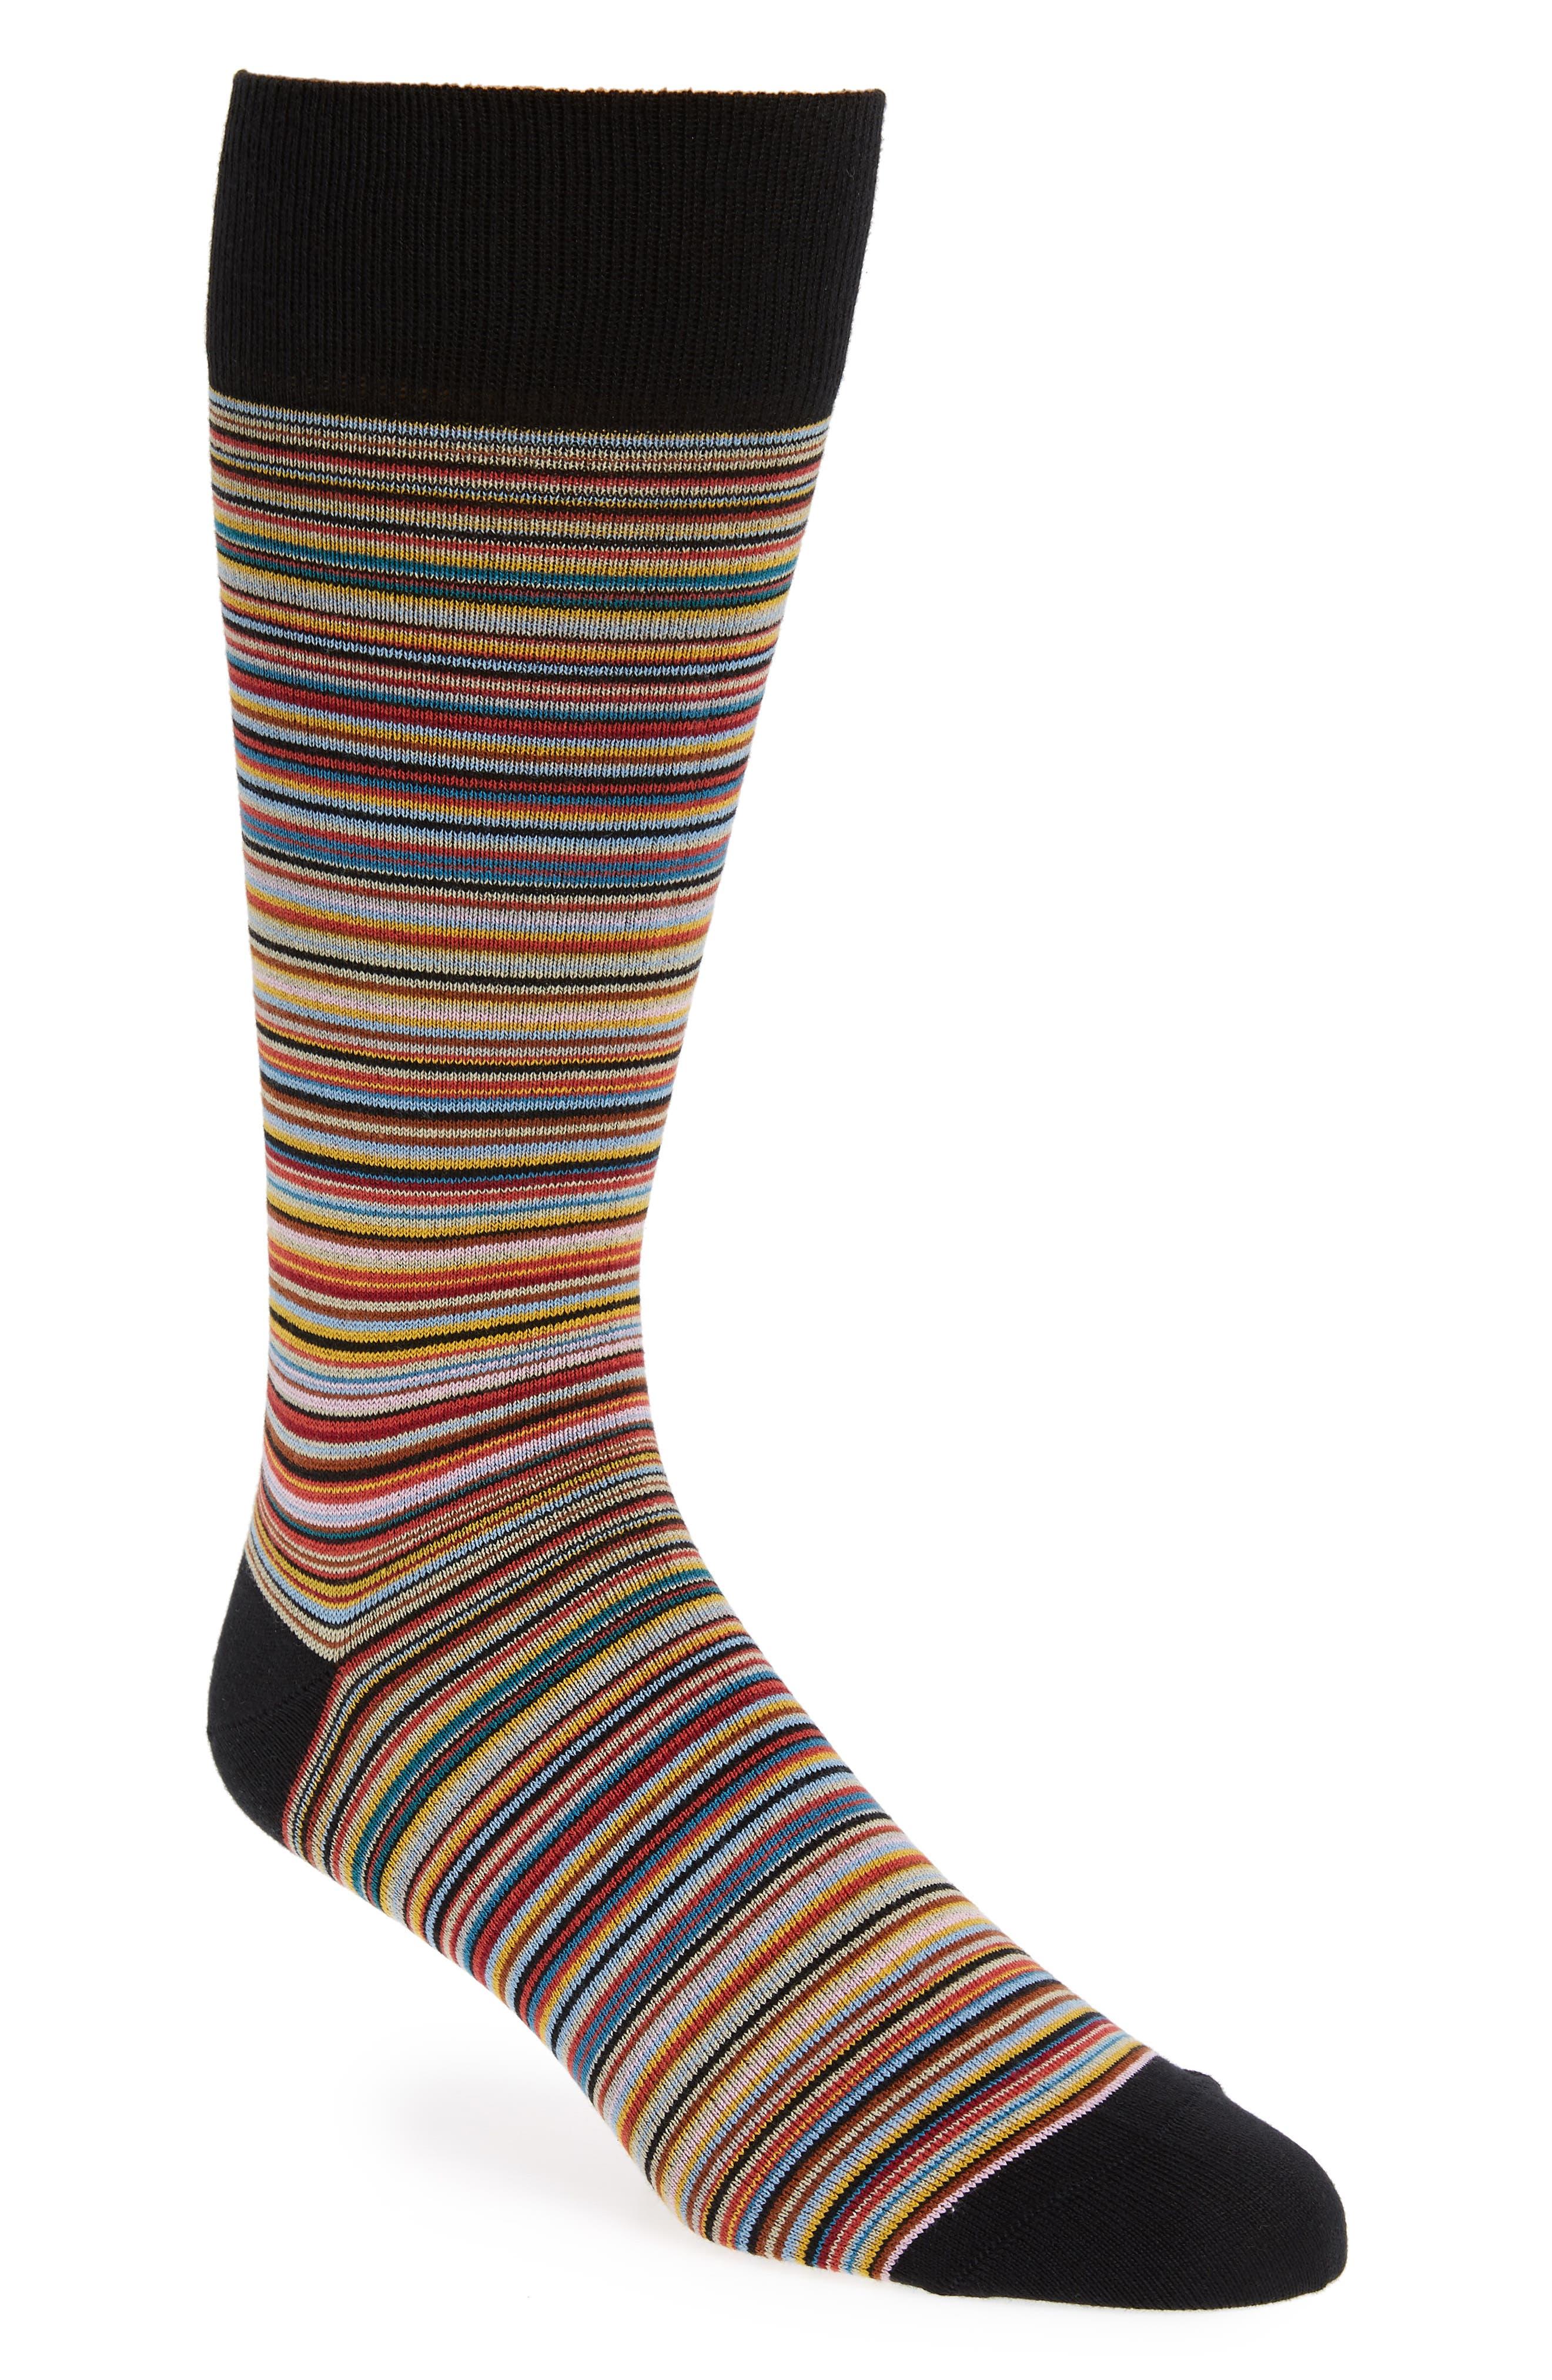 PAUL SMITH Stripe Crew Socks, Main, color, 001